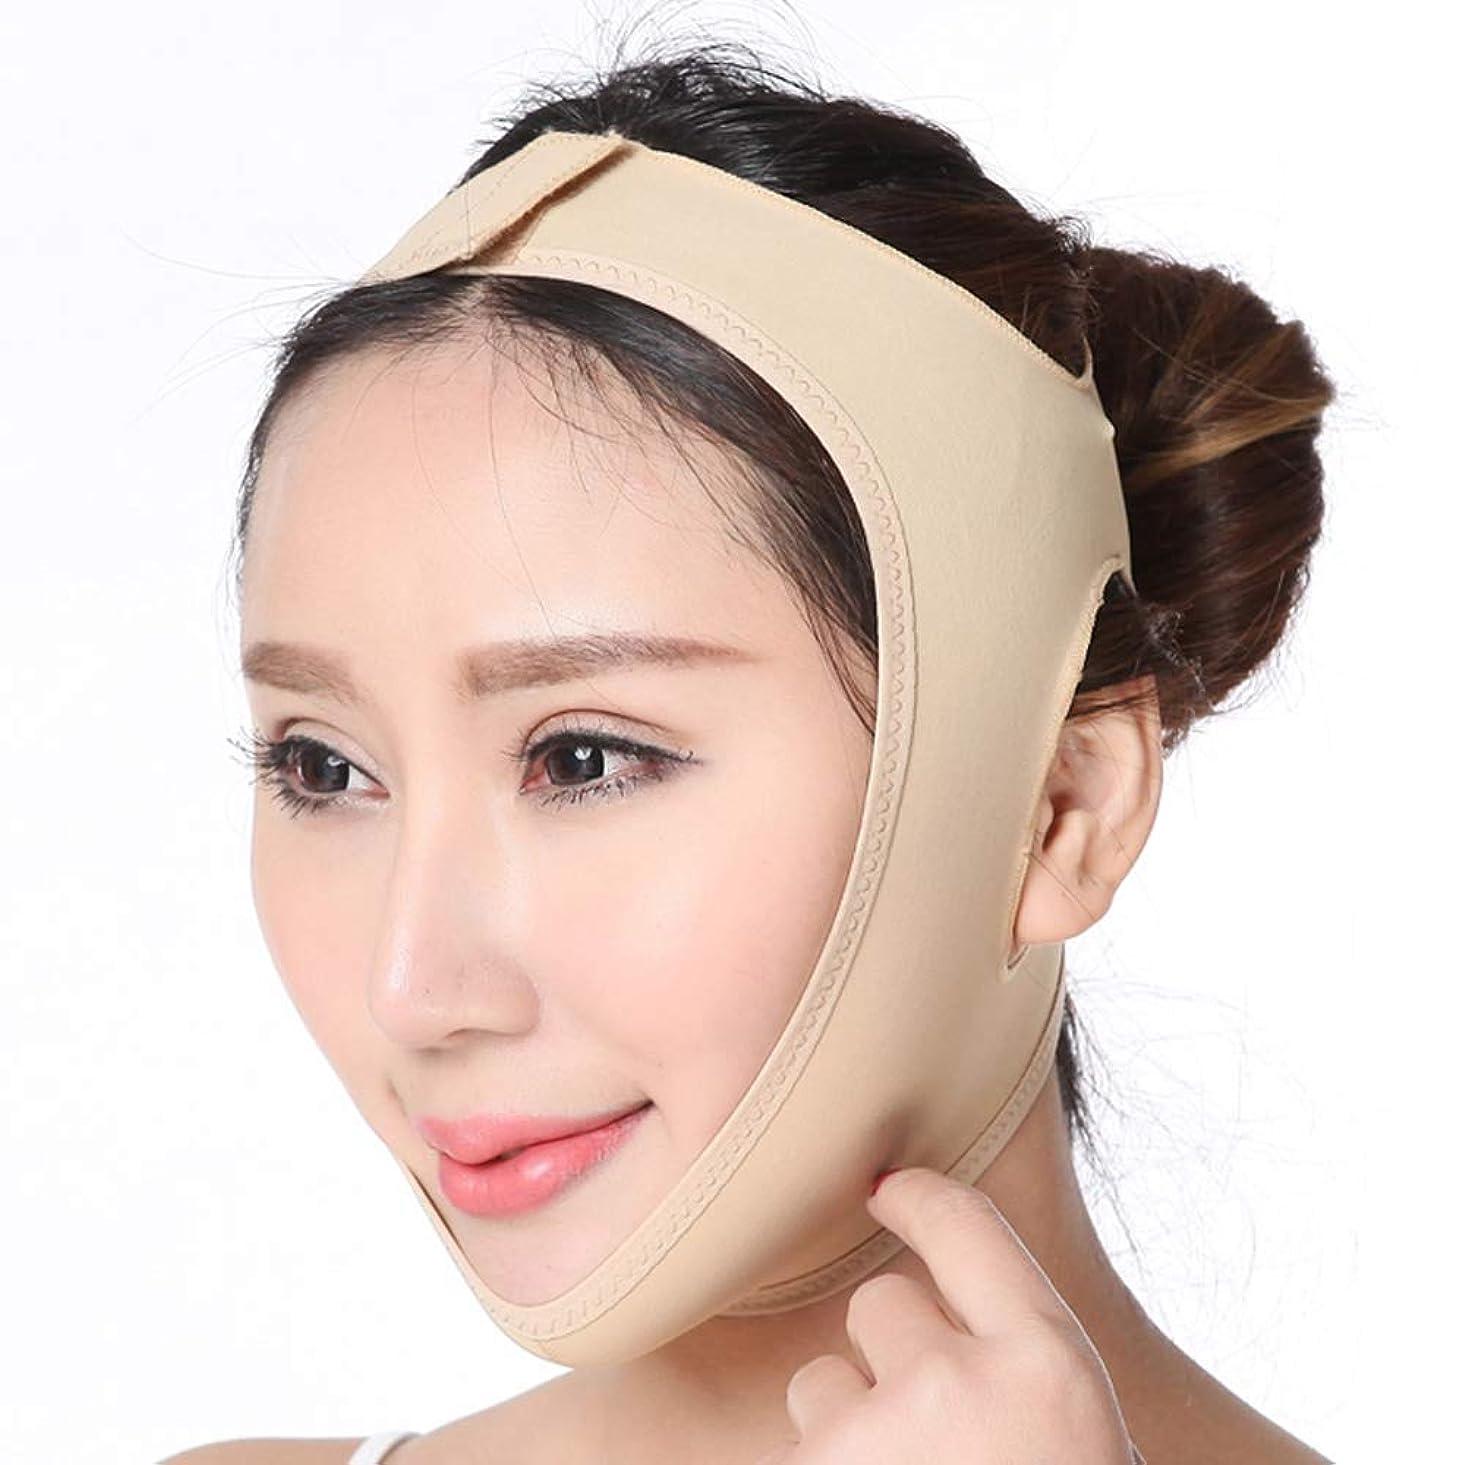 検証メディア素晴らしさZPSM 薄くて軽い 薄い顔ベルト、超薄型通気性のVフェイス薄い顔は、咬筋を削除するには二重あごを持ち上げる4つのサイズのフェイスリフティング包帯マスク (Size : S)